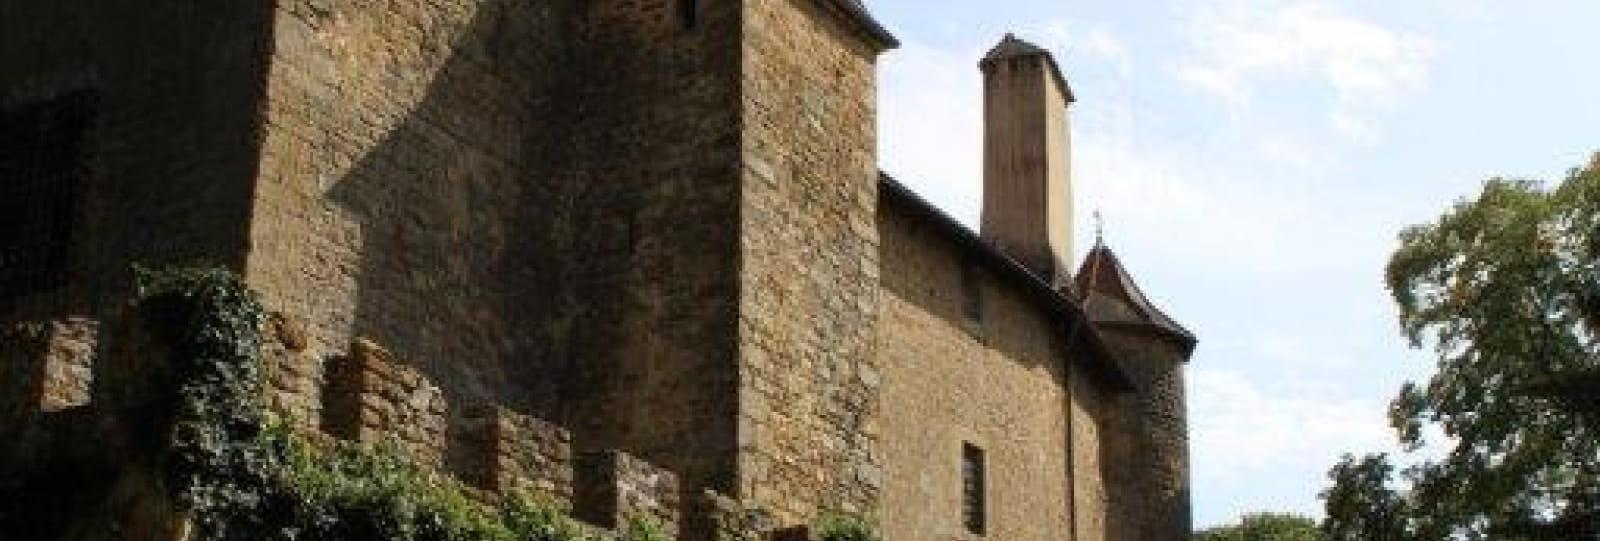 Circuit du patrimoine _ château de Charmes _ Charmes sur l'herbasse